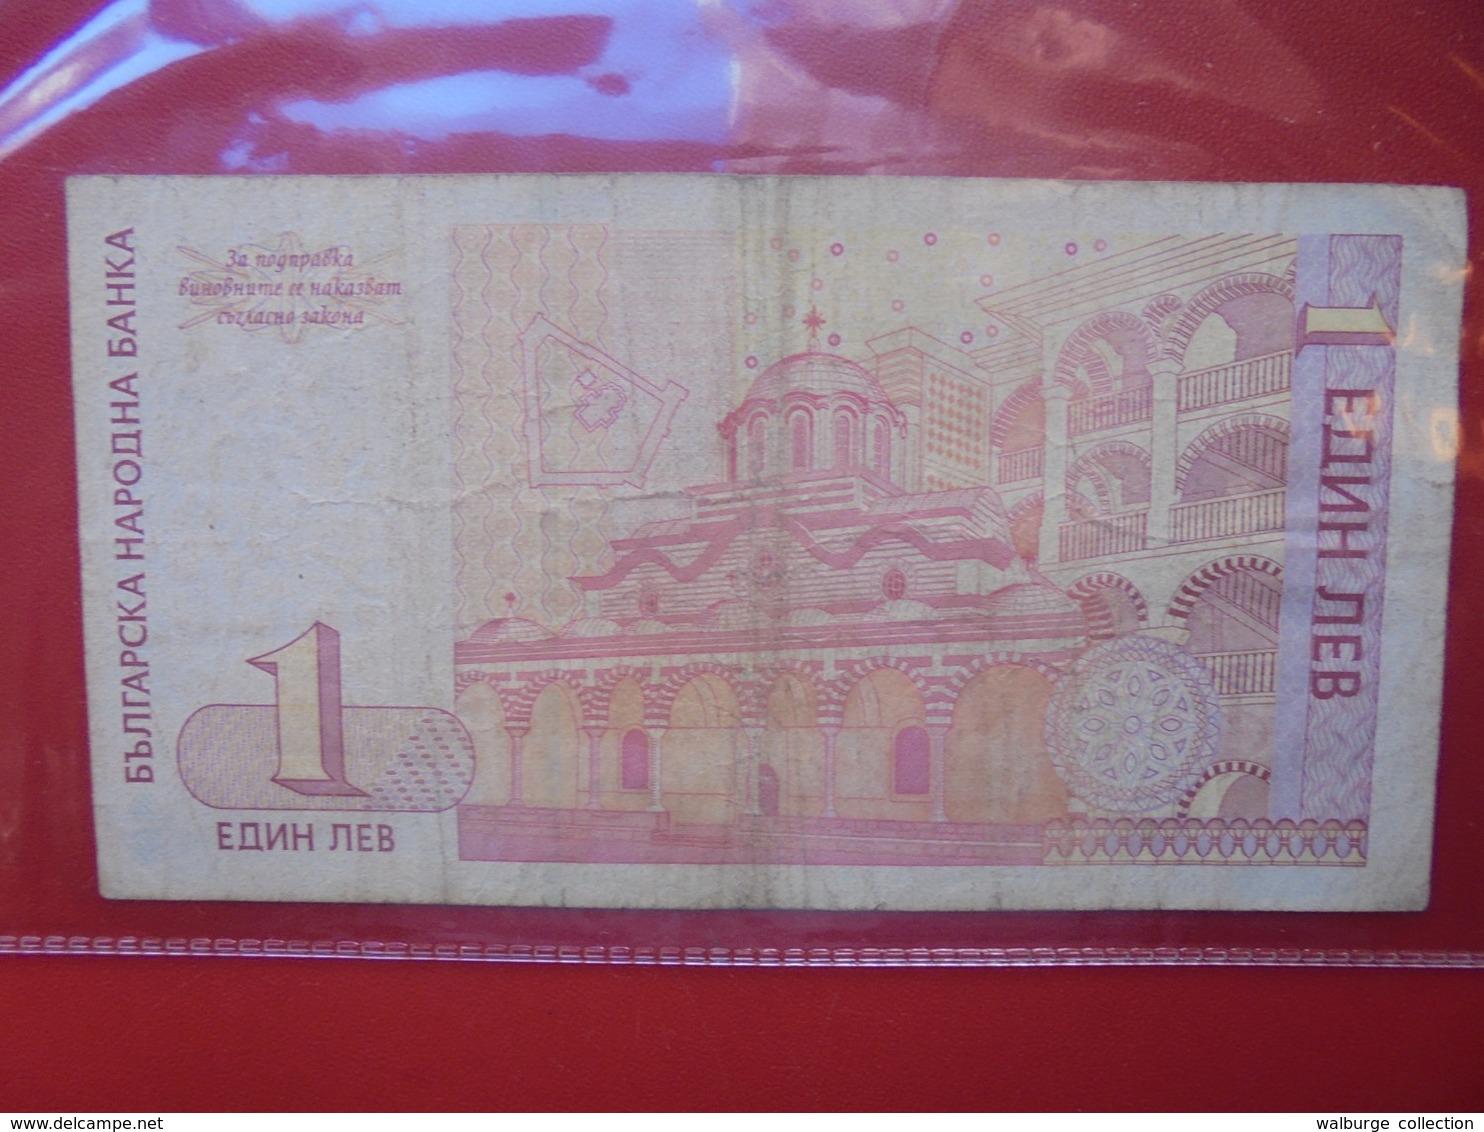 BULGARIE 1 LEV 1999 CIRCULER  (B.7) - Bulgarie